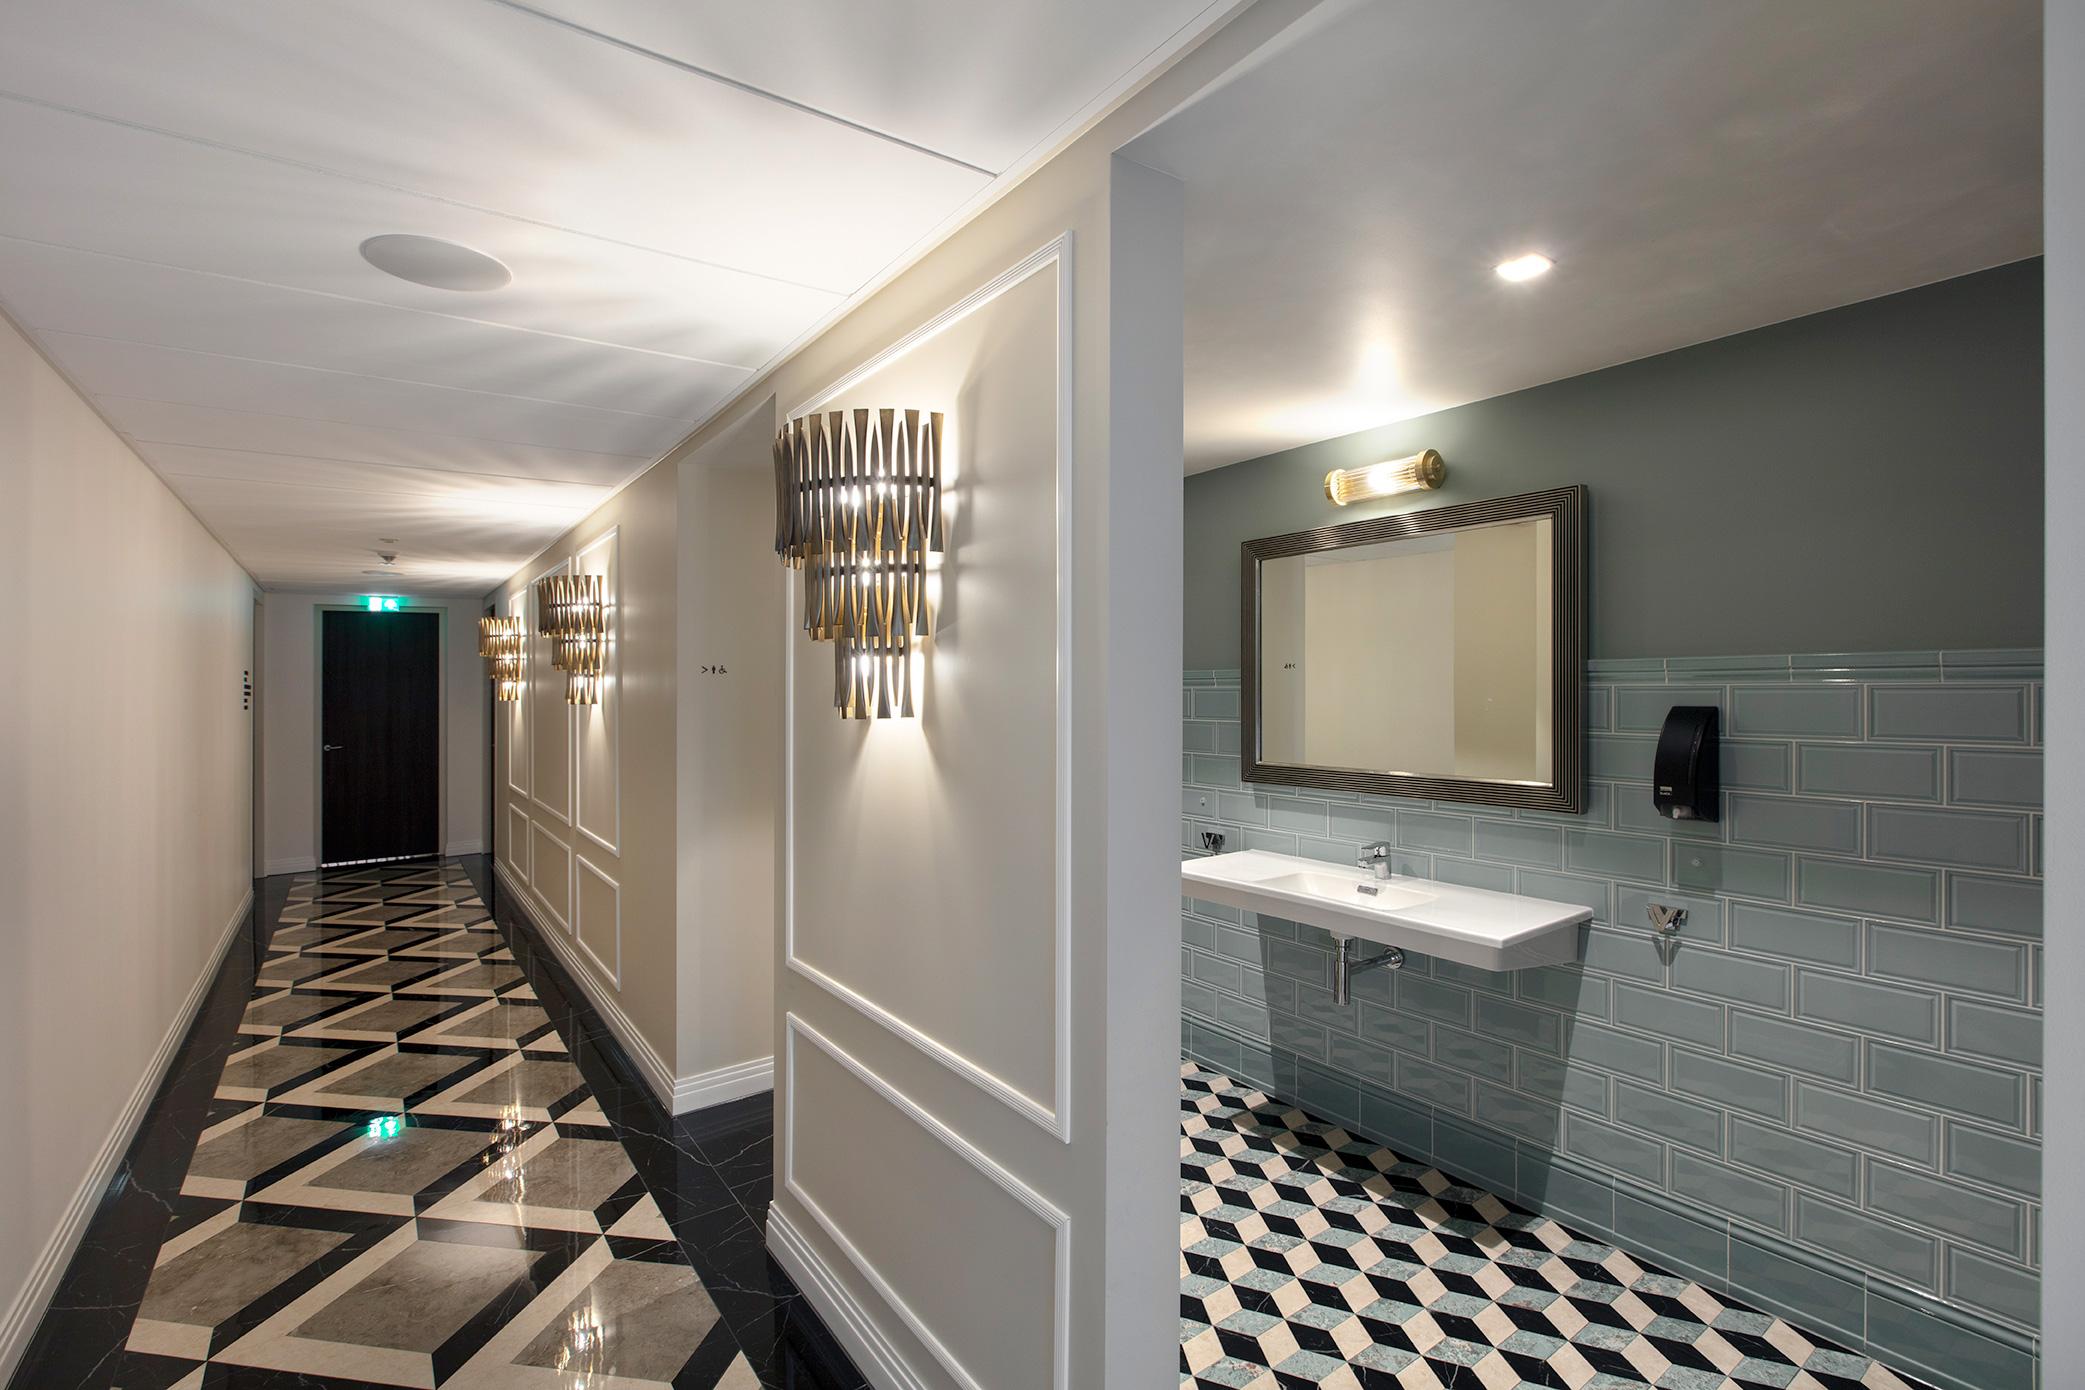 ditail-soluciones-prescripcion-ceramica-winckelmansgrand-hotel-valies_